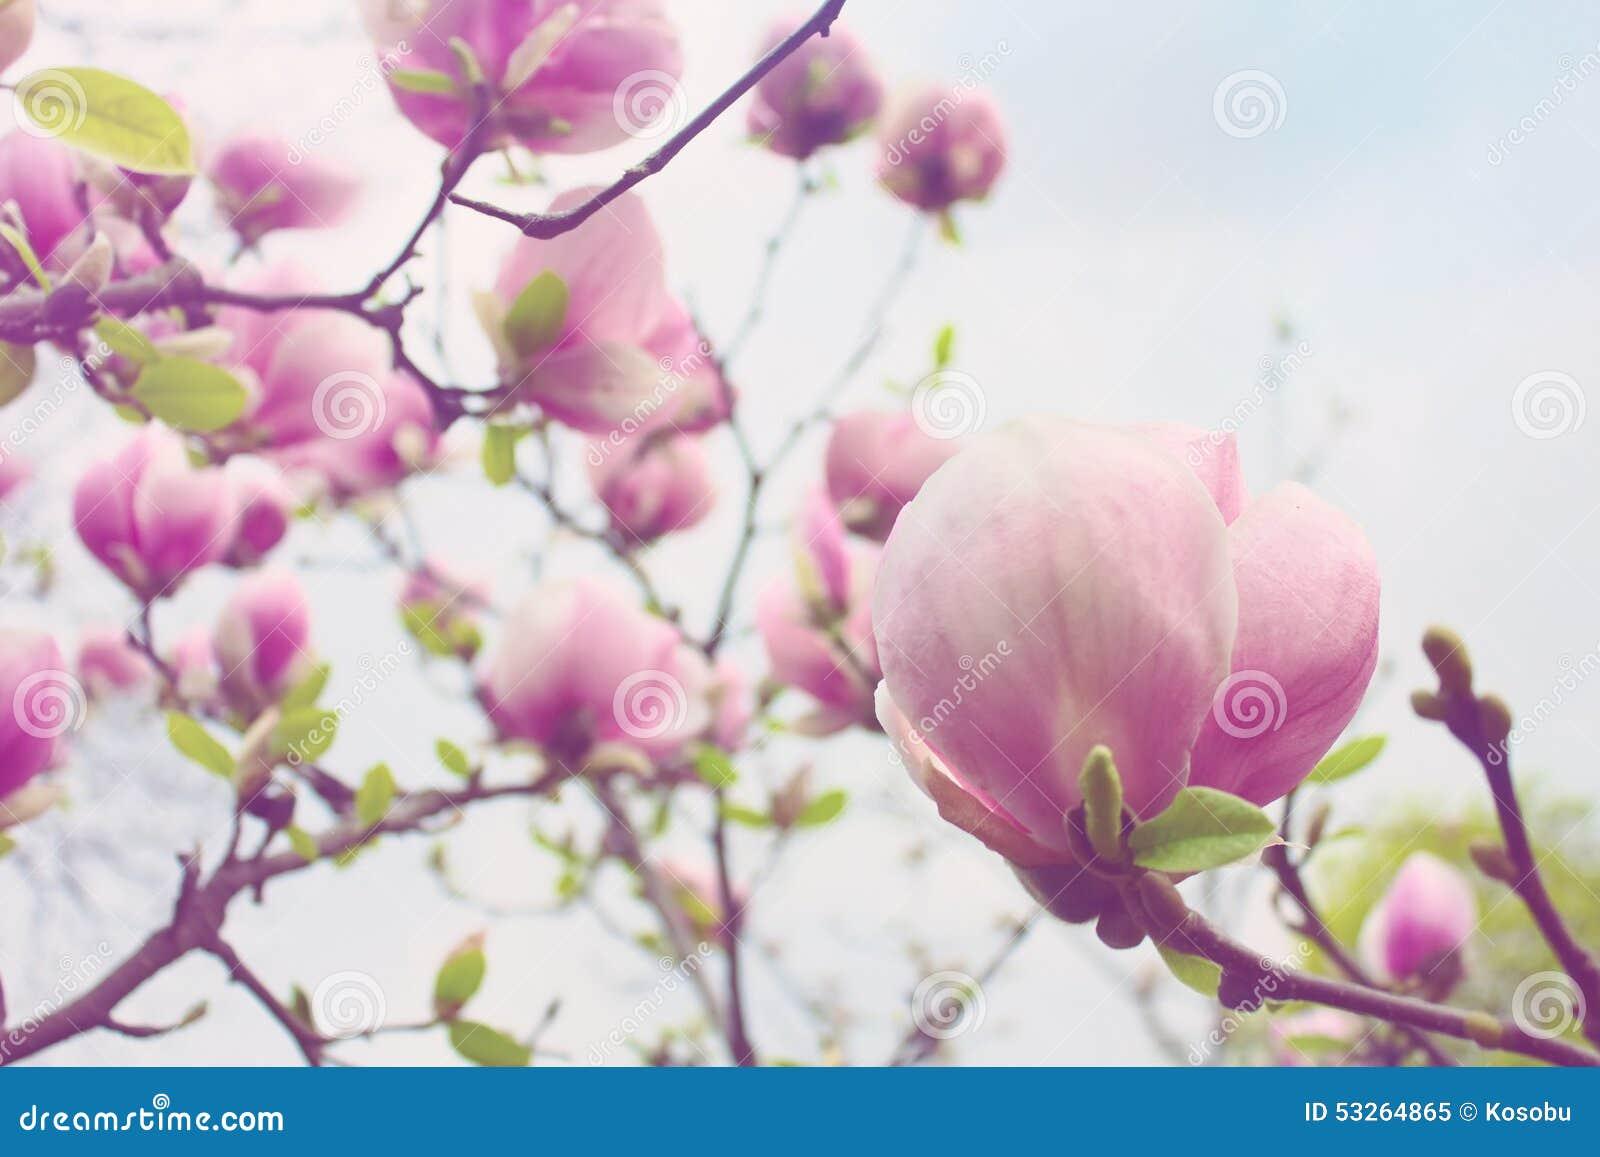 Fiore fiorito dell 39 albero della magnolia in primavera for Magnolia pianta prezzi